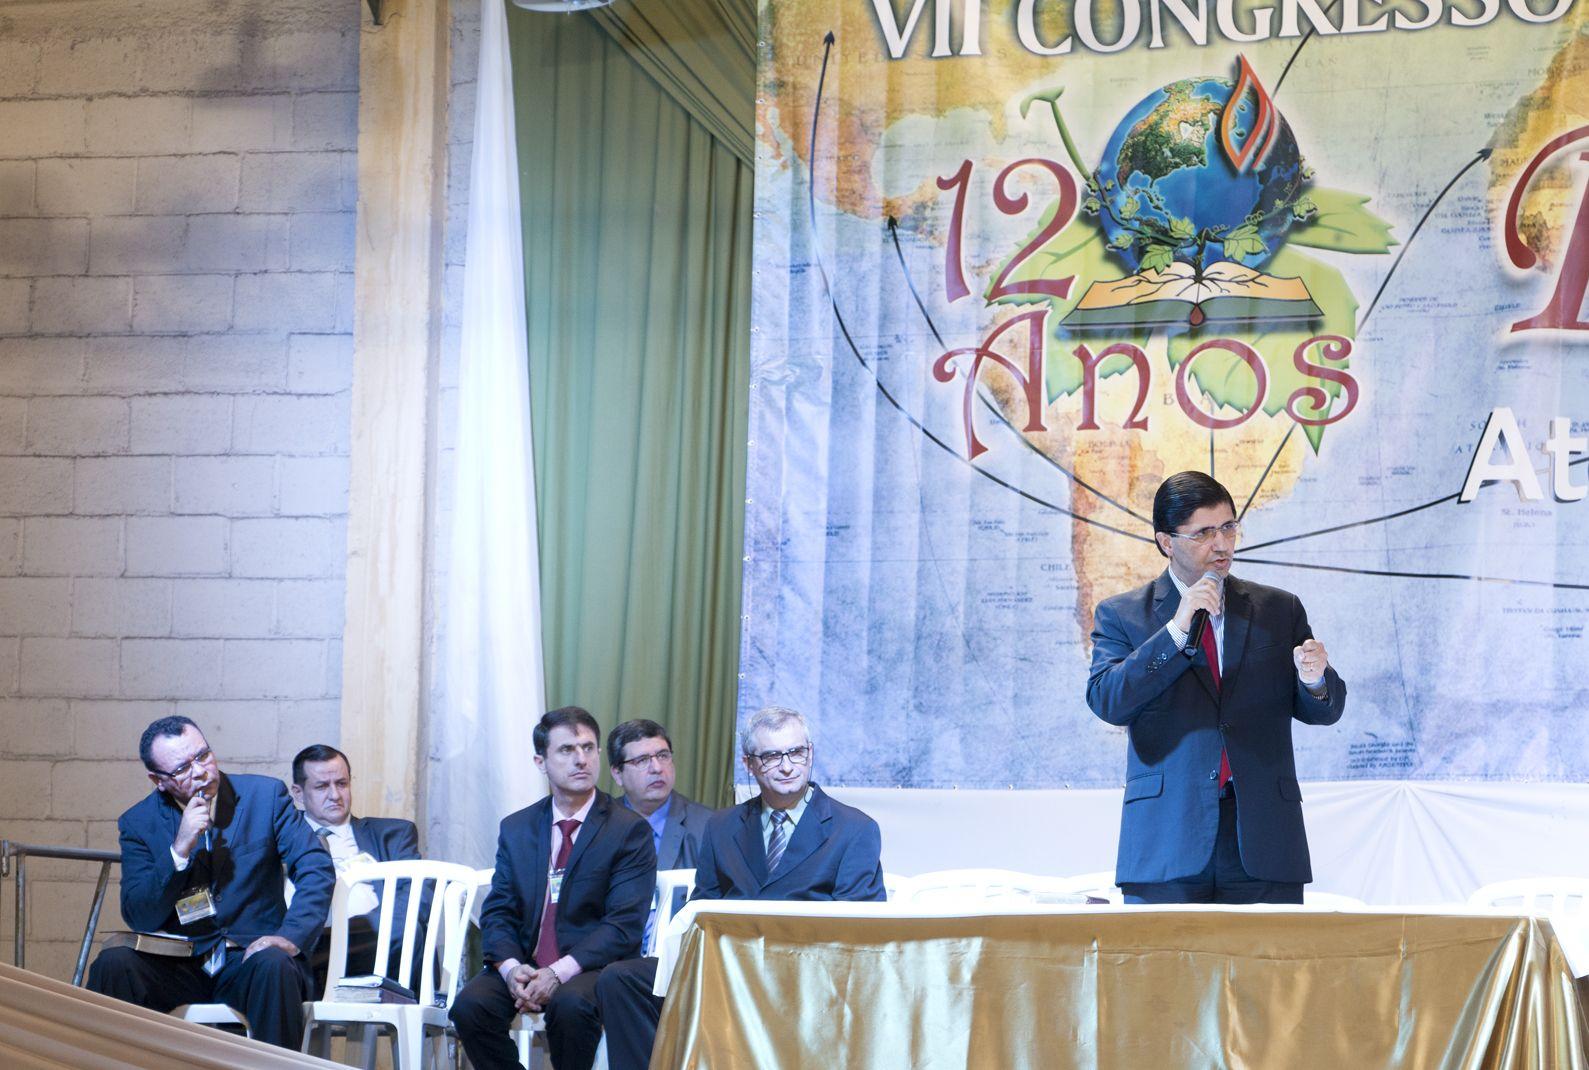 Congresso Geral 2016 - 2º Dia - 26.03.2016 (5)